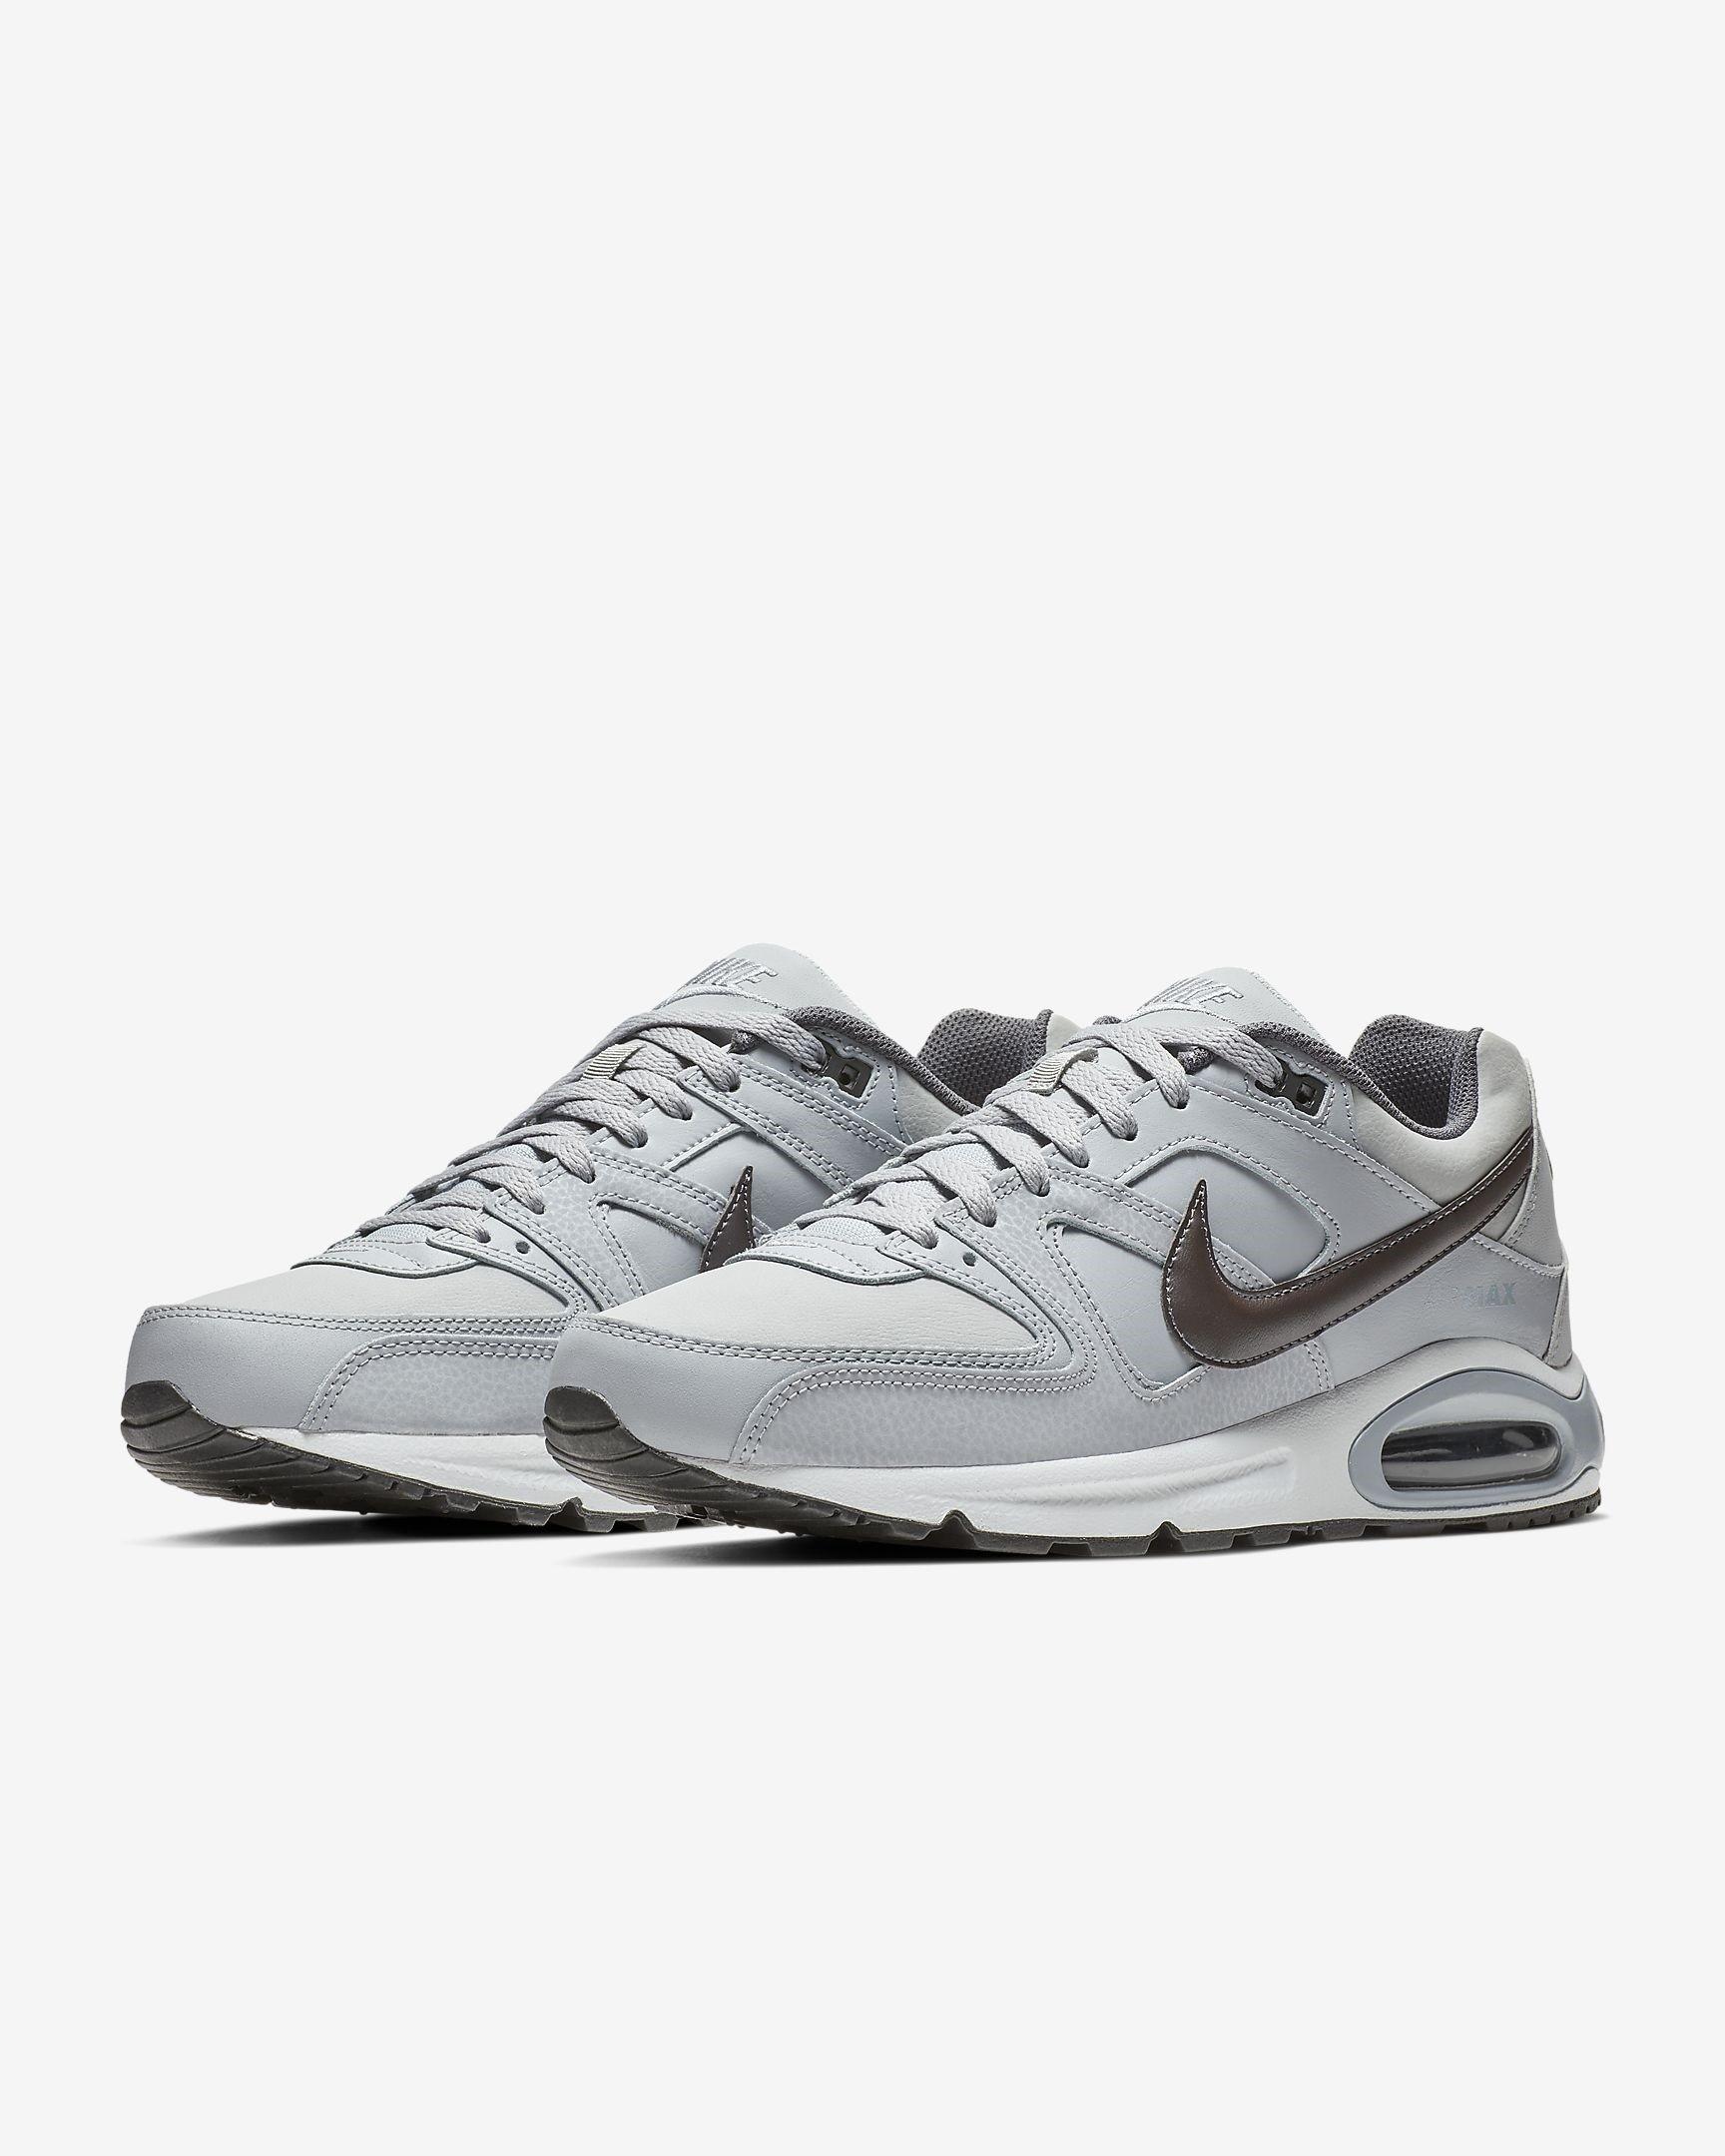 Nike Freizeitschuhe Air Max Command, grau, Herren